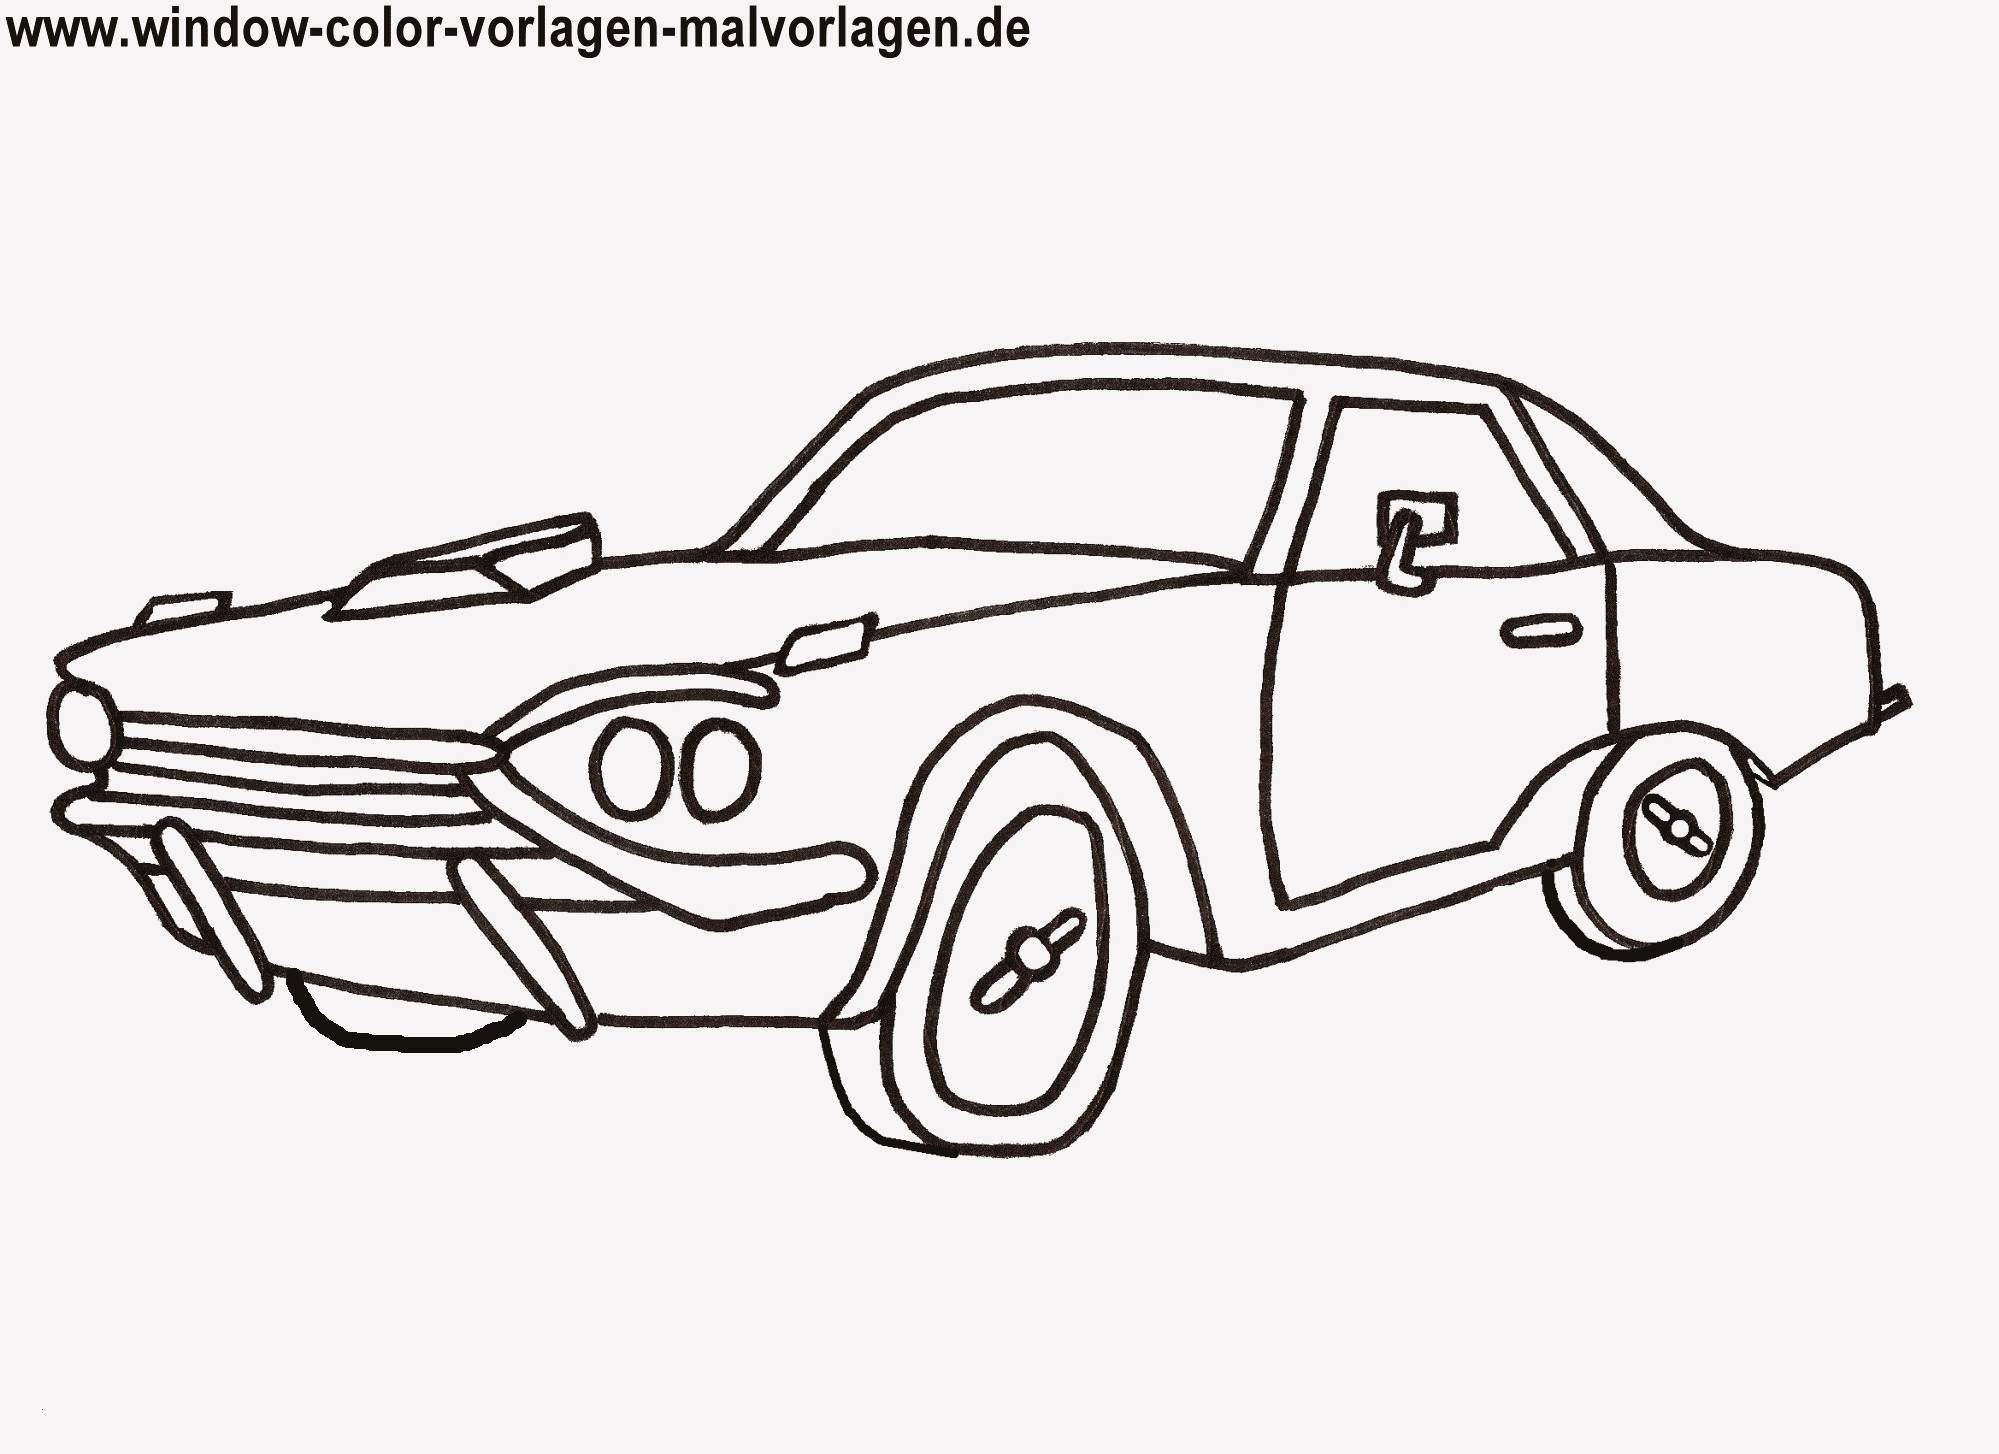 Lamborghini Zum Ausmalen Neu 25 Liebenswert Ausmalbilder Zum Ausdrucken Lamborghini Schön Das Bild